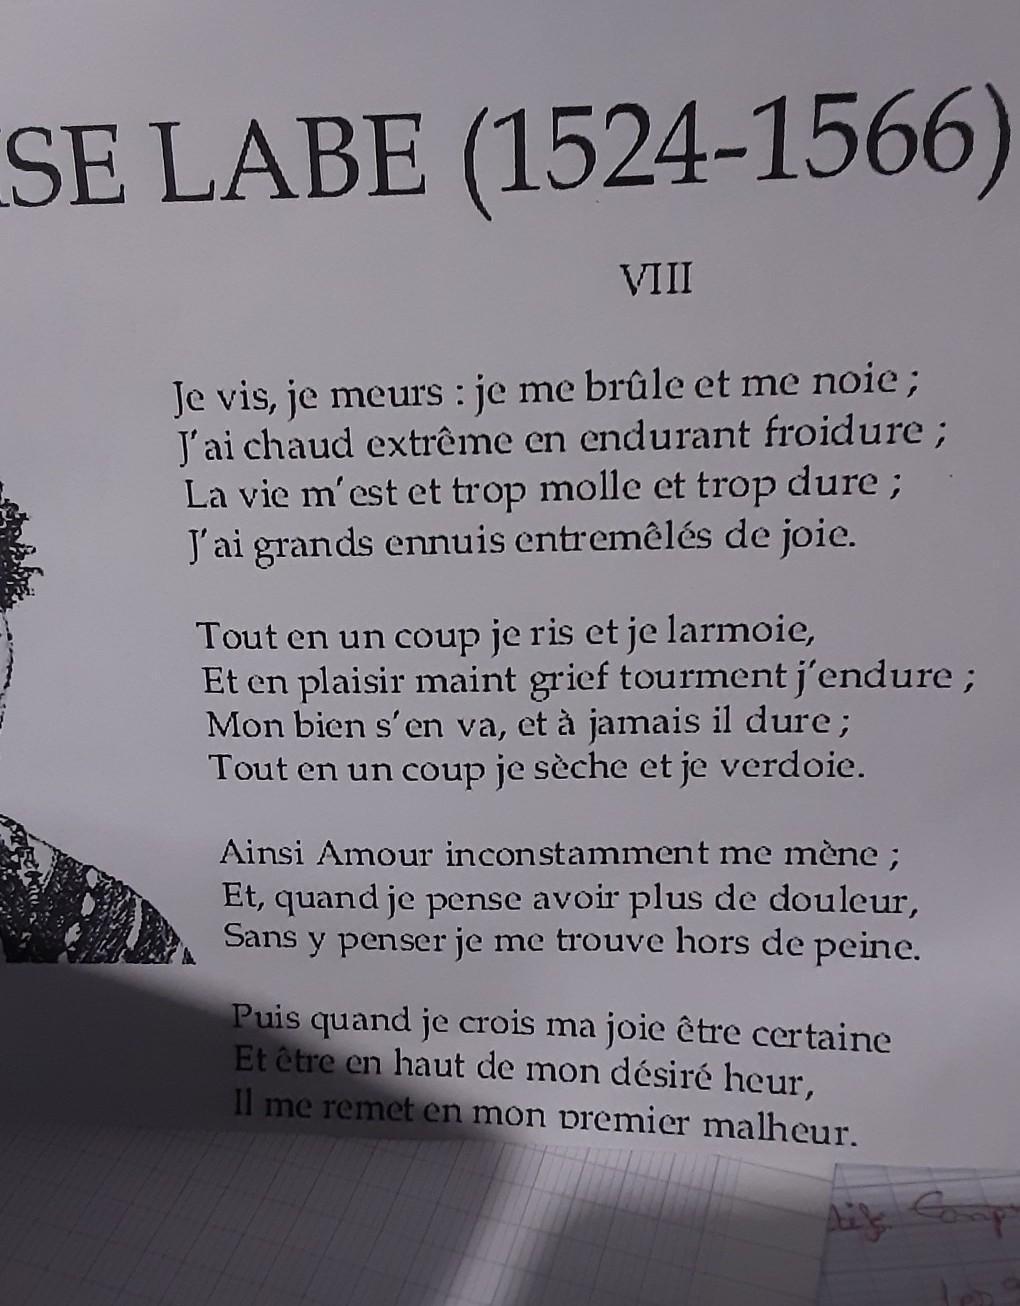 Je Vis, Je Meurs : meurs, Poème, Meurs, Parle, Premier, Deuxième, Troisième, Quatrième, Nosdevoirs.fr